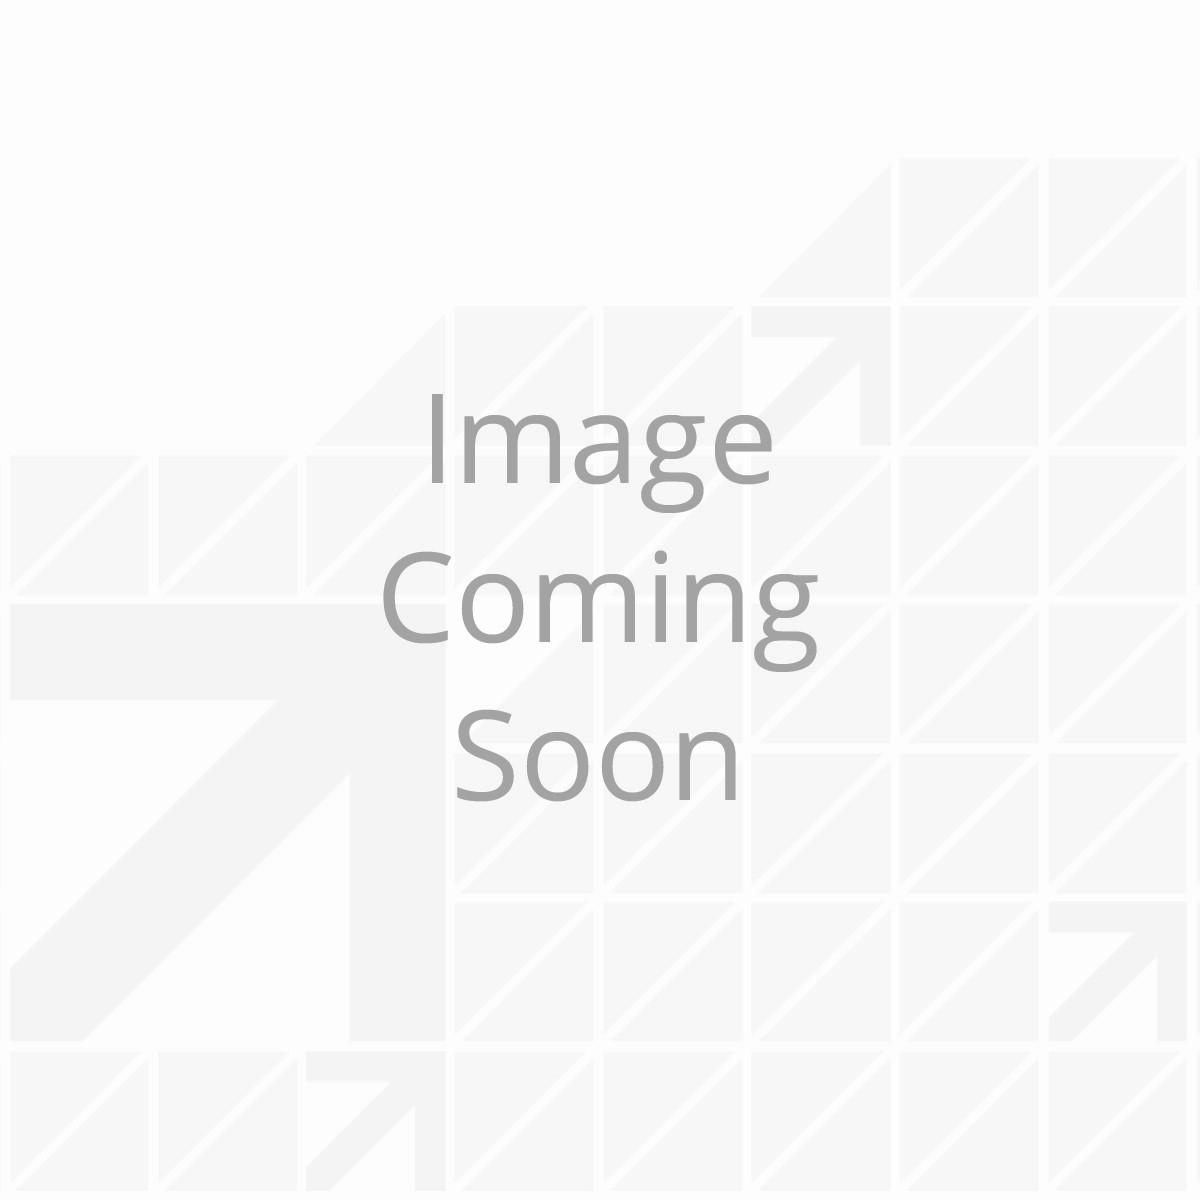 182713_Motor-Extension_001